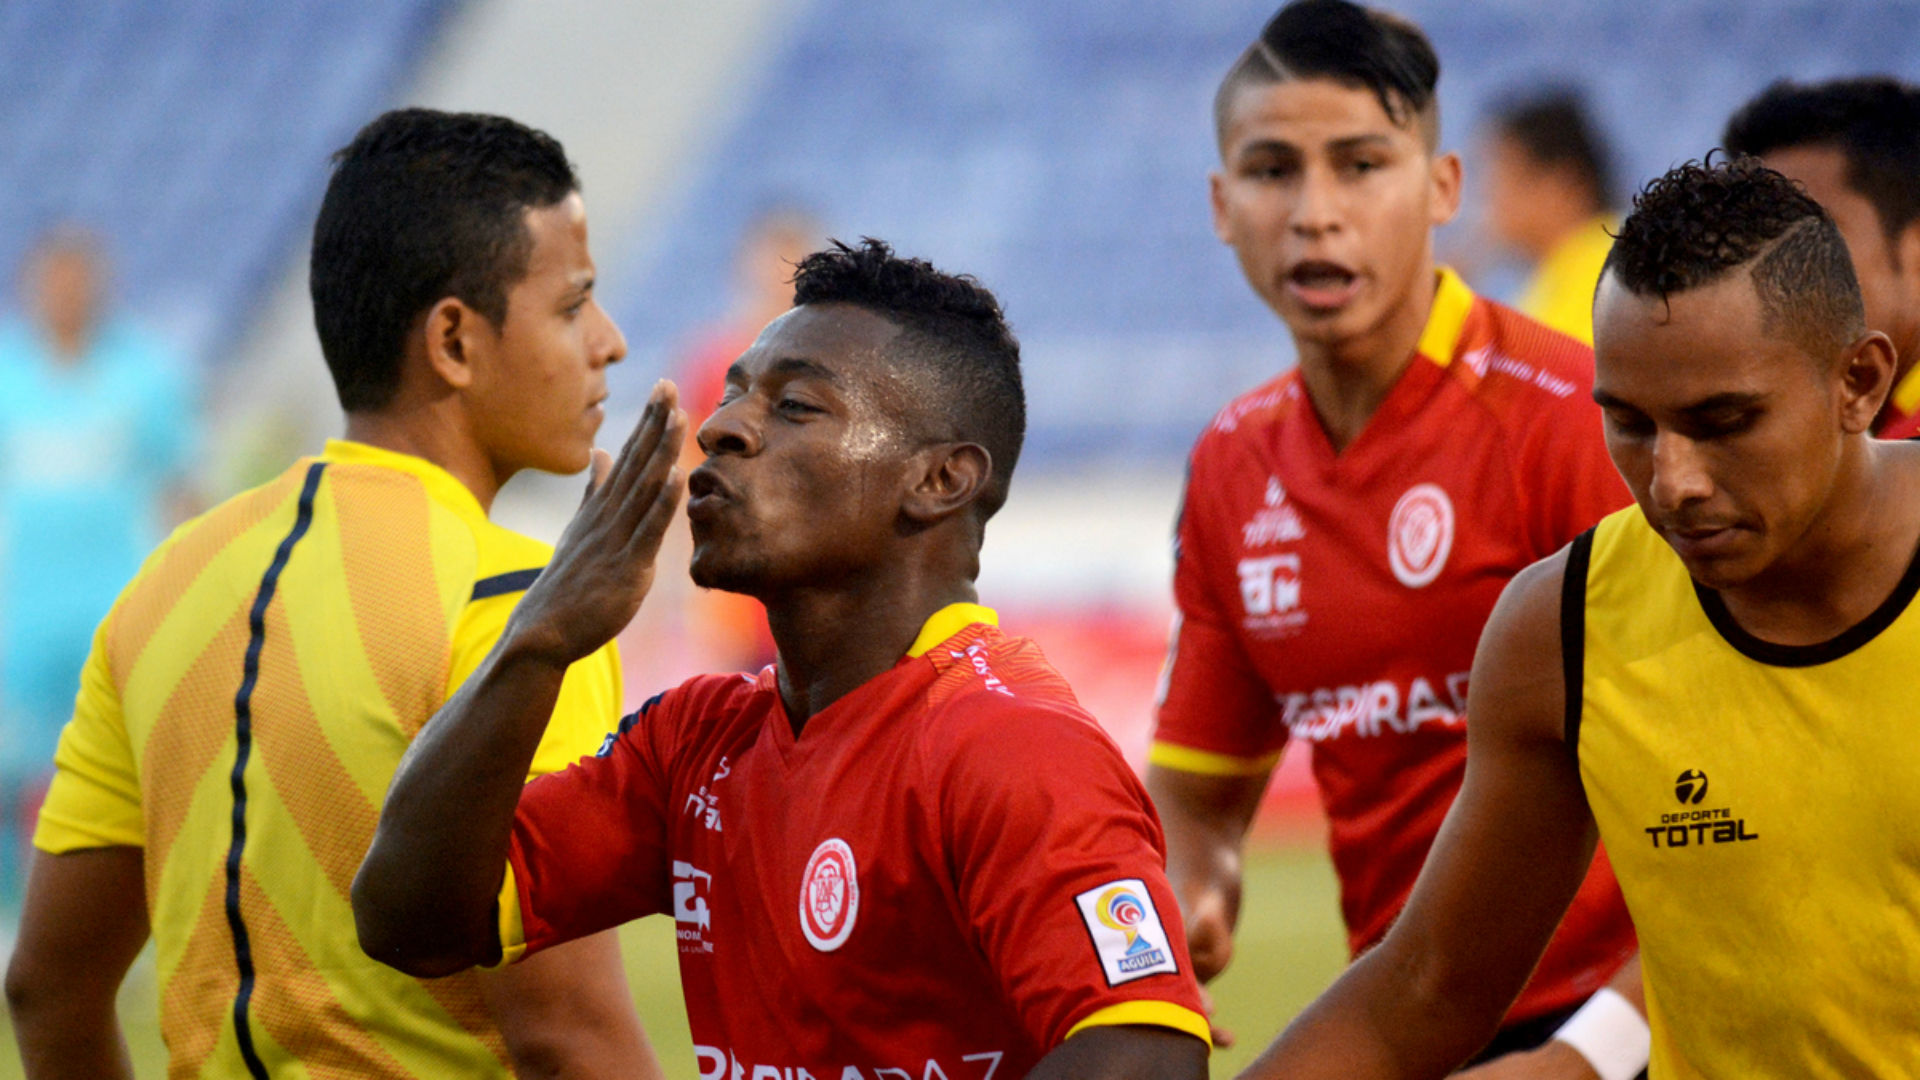 Pablo Rojas Uniautónoma vs Atlético Nacional